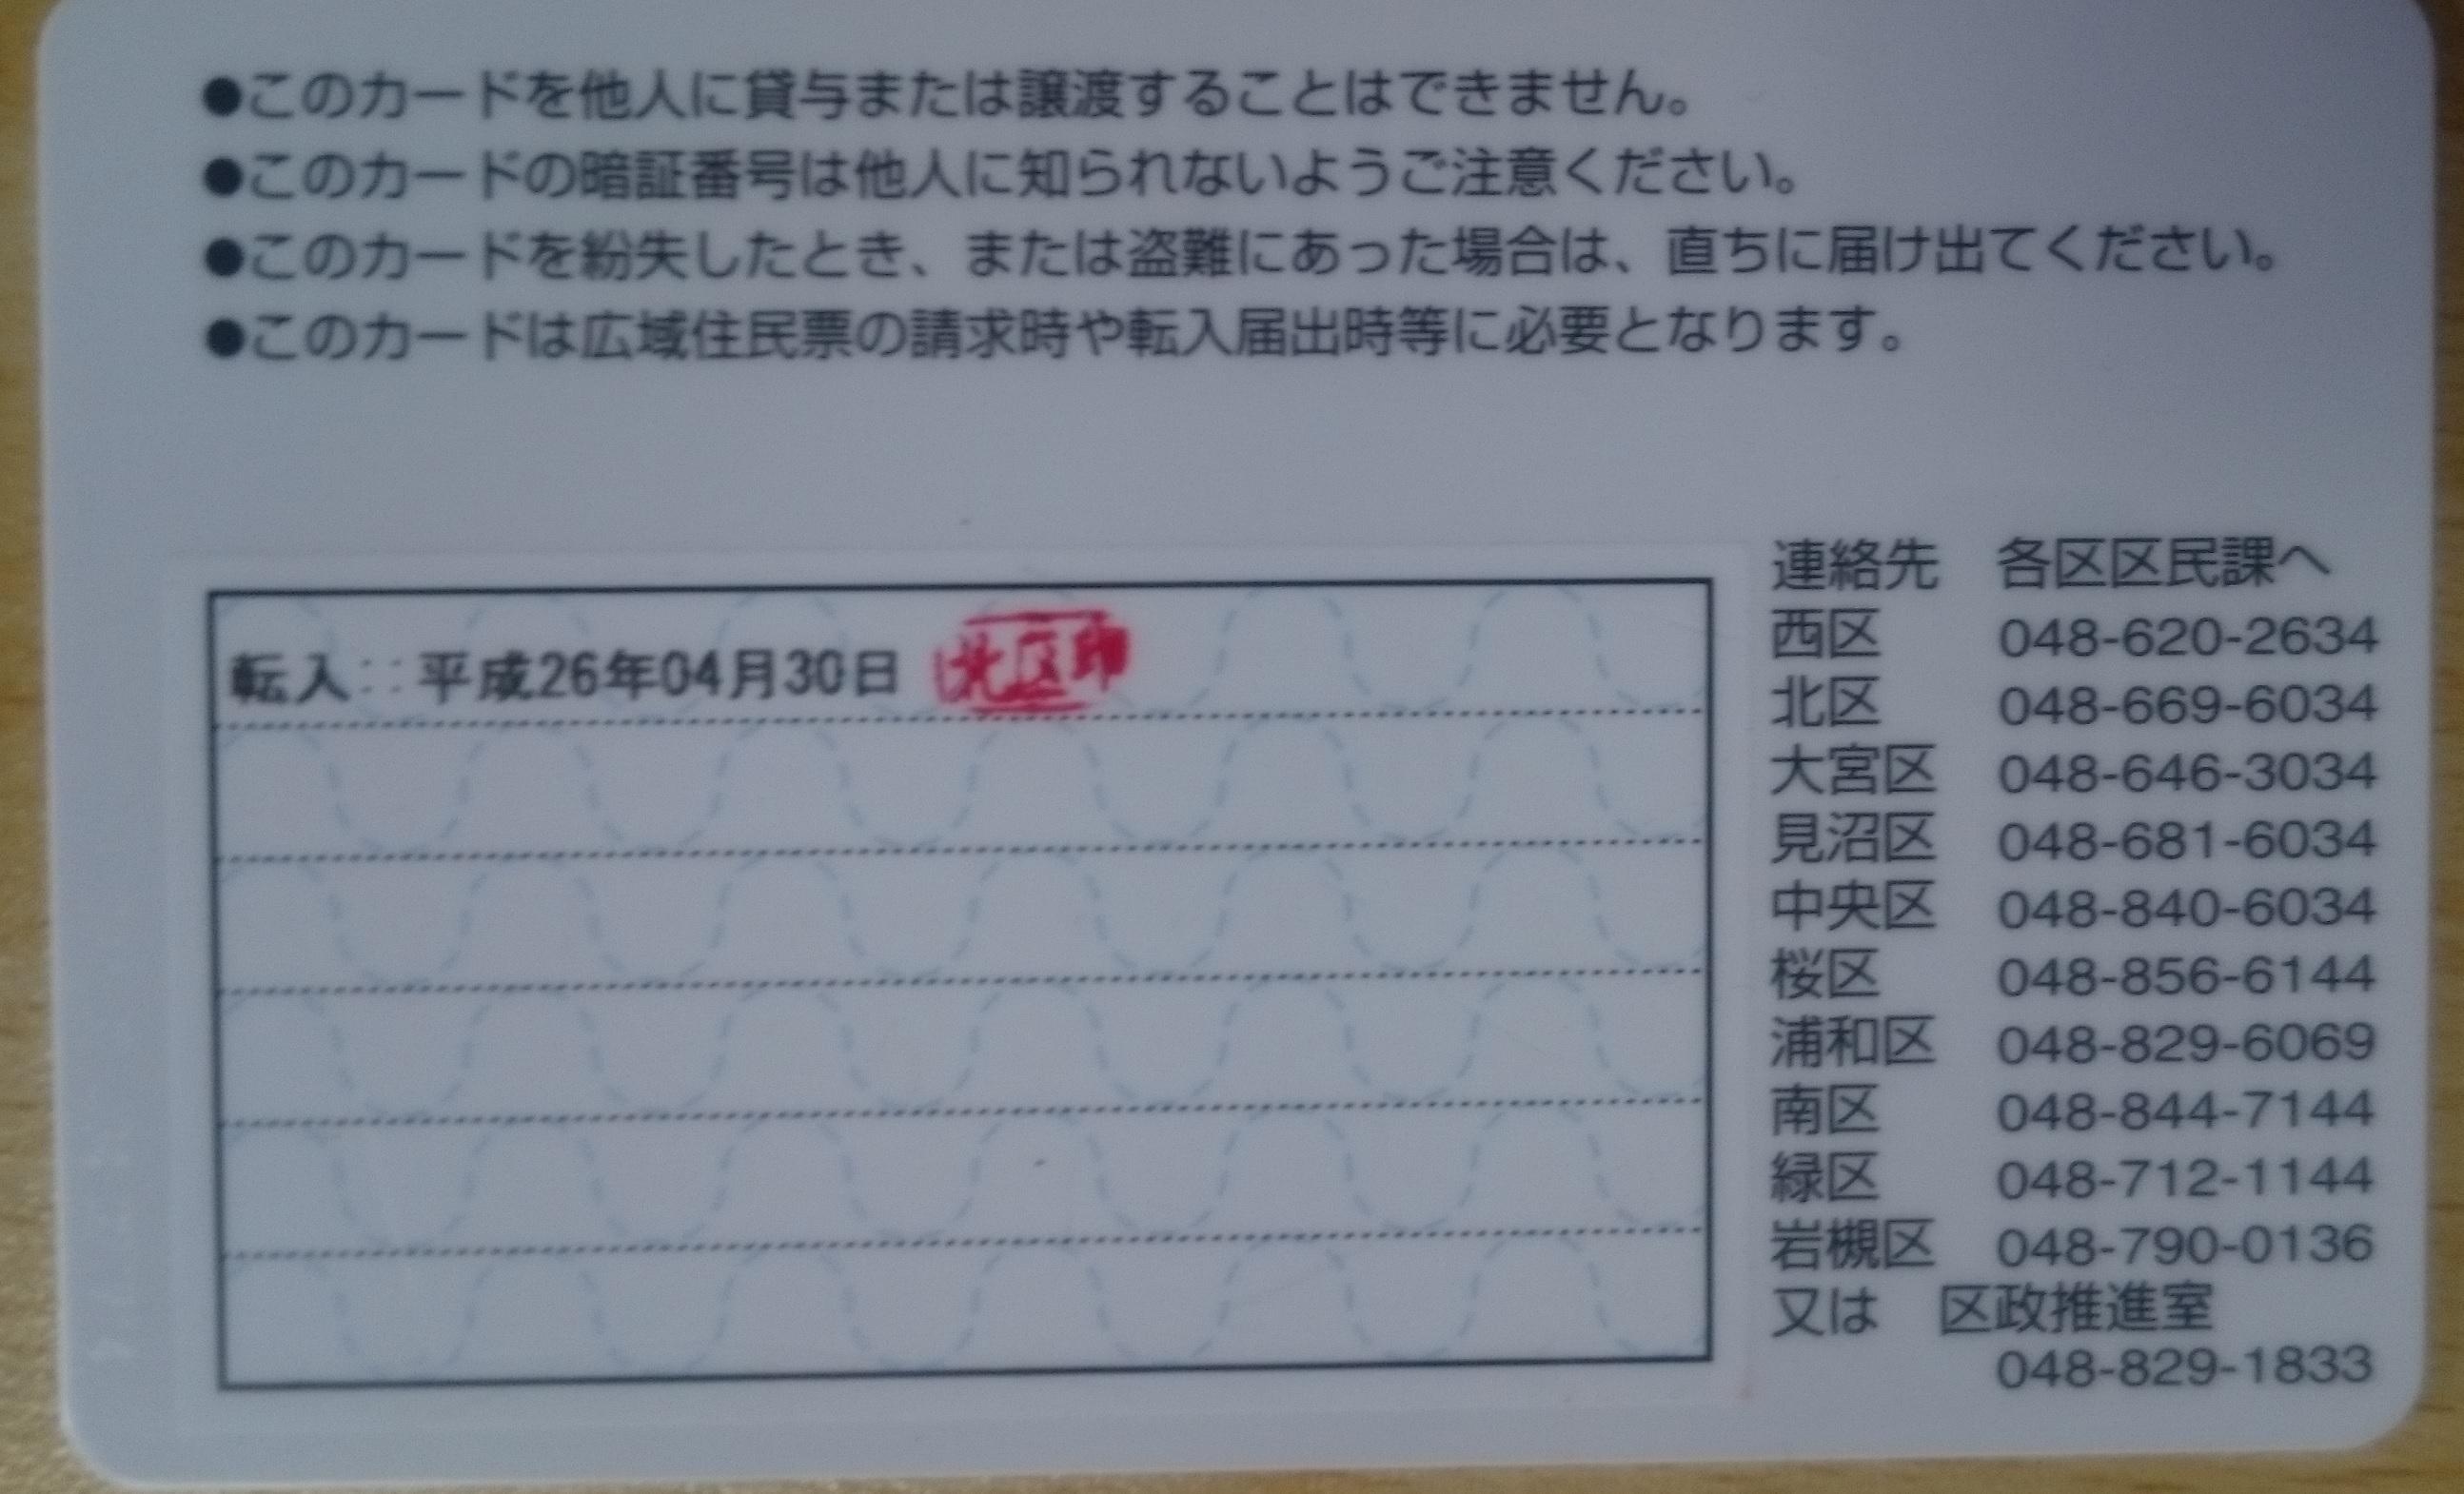 基本 カード 住民 台帳